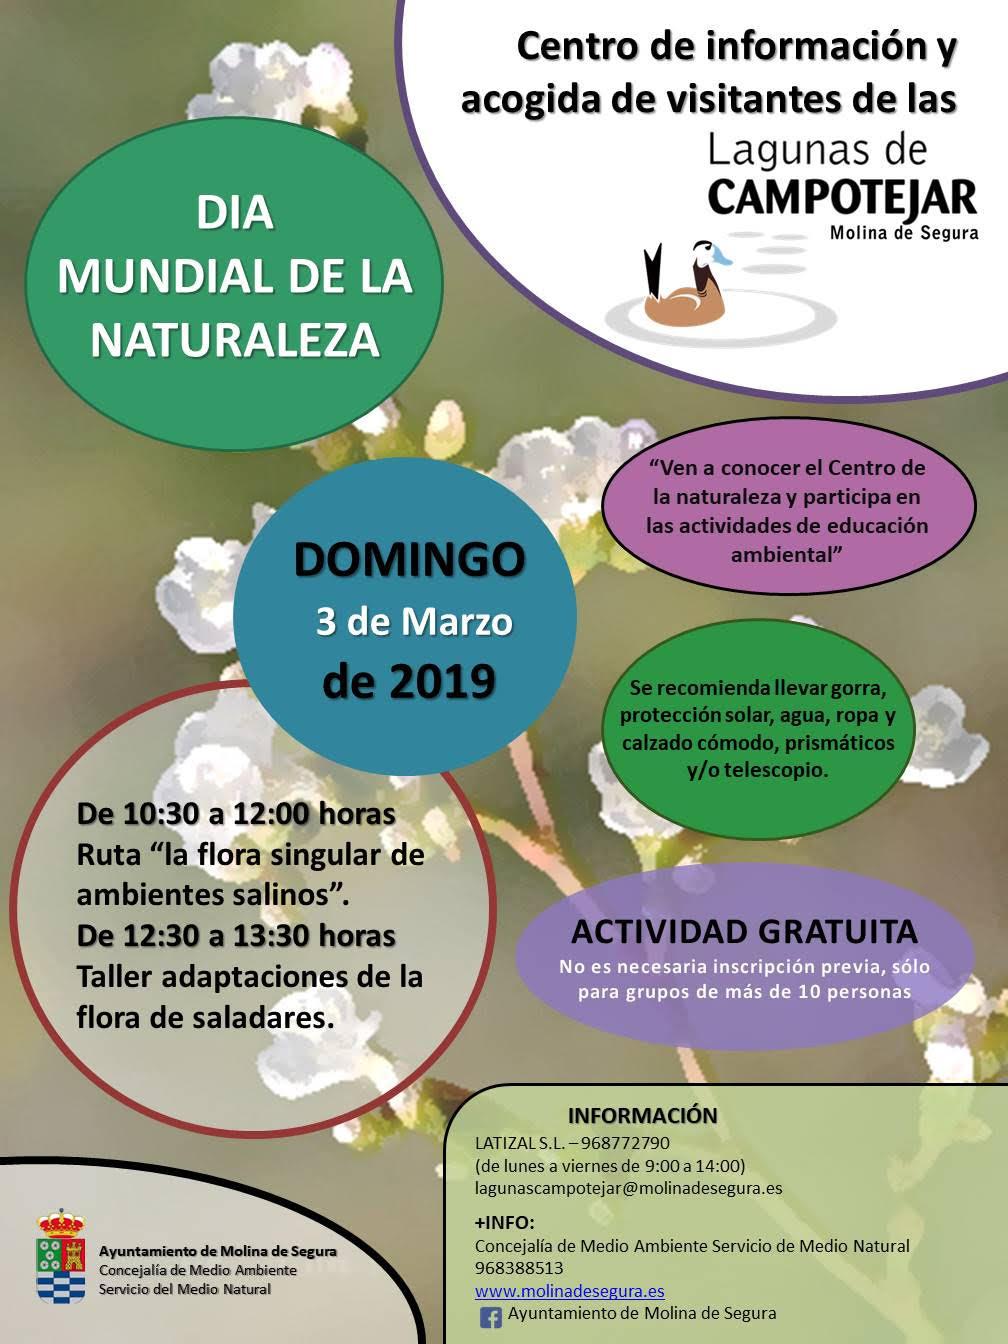 Día Mundial de la Naturaleza en CAMPOTEJAR, con el Ayto. de Molina